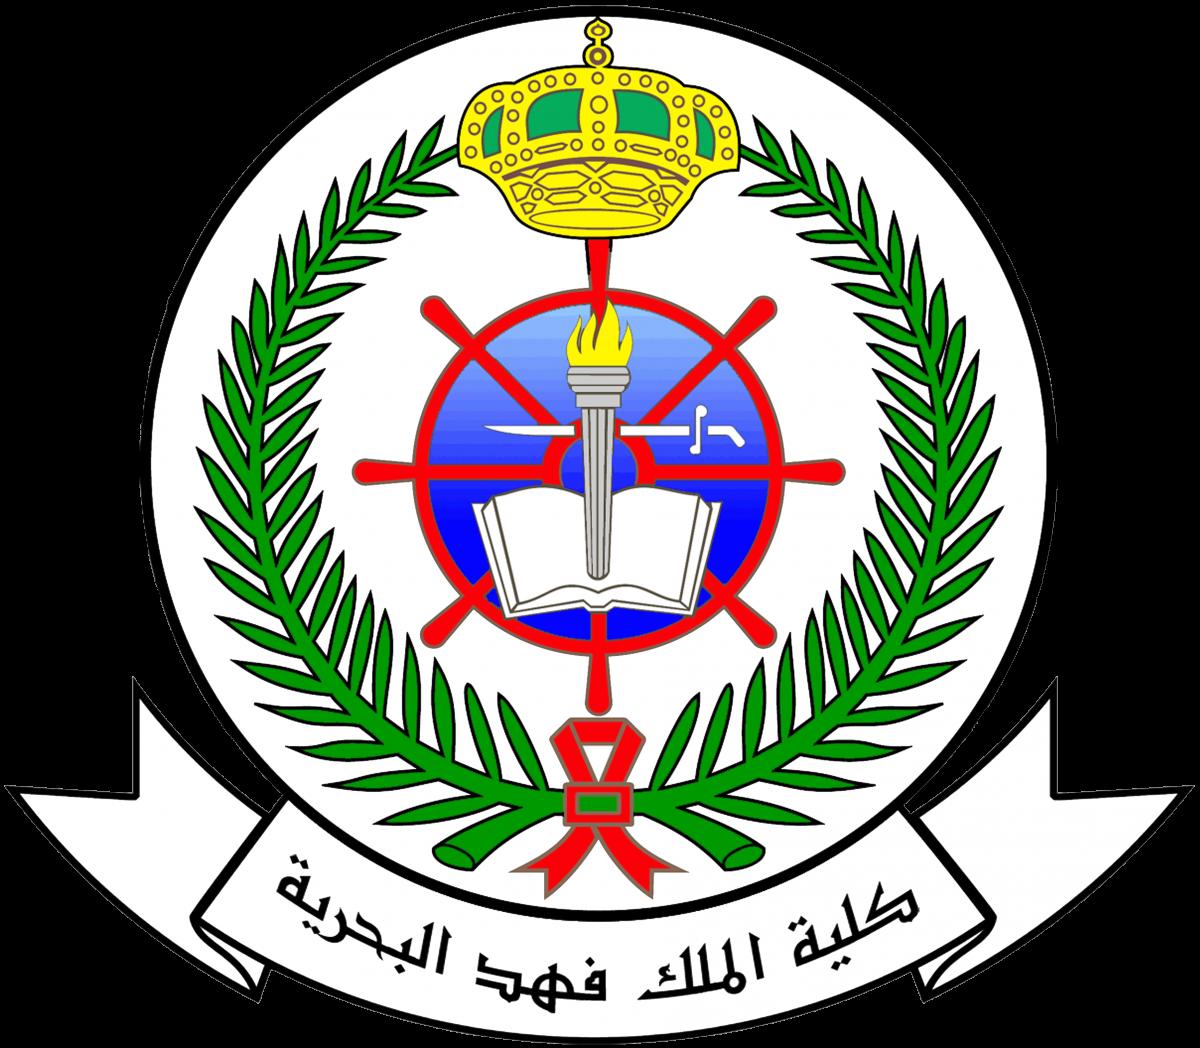 كلية الملك فهد البحرية القبول والتسجيل 1443